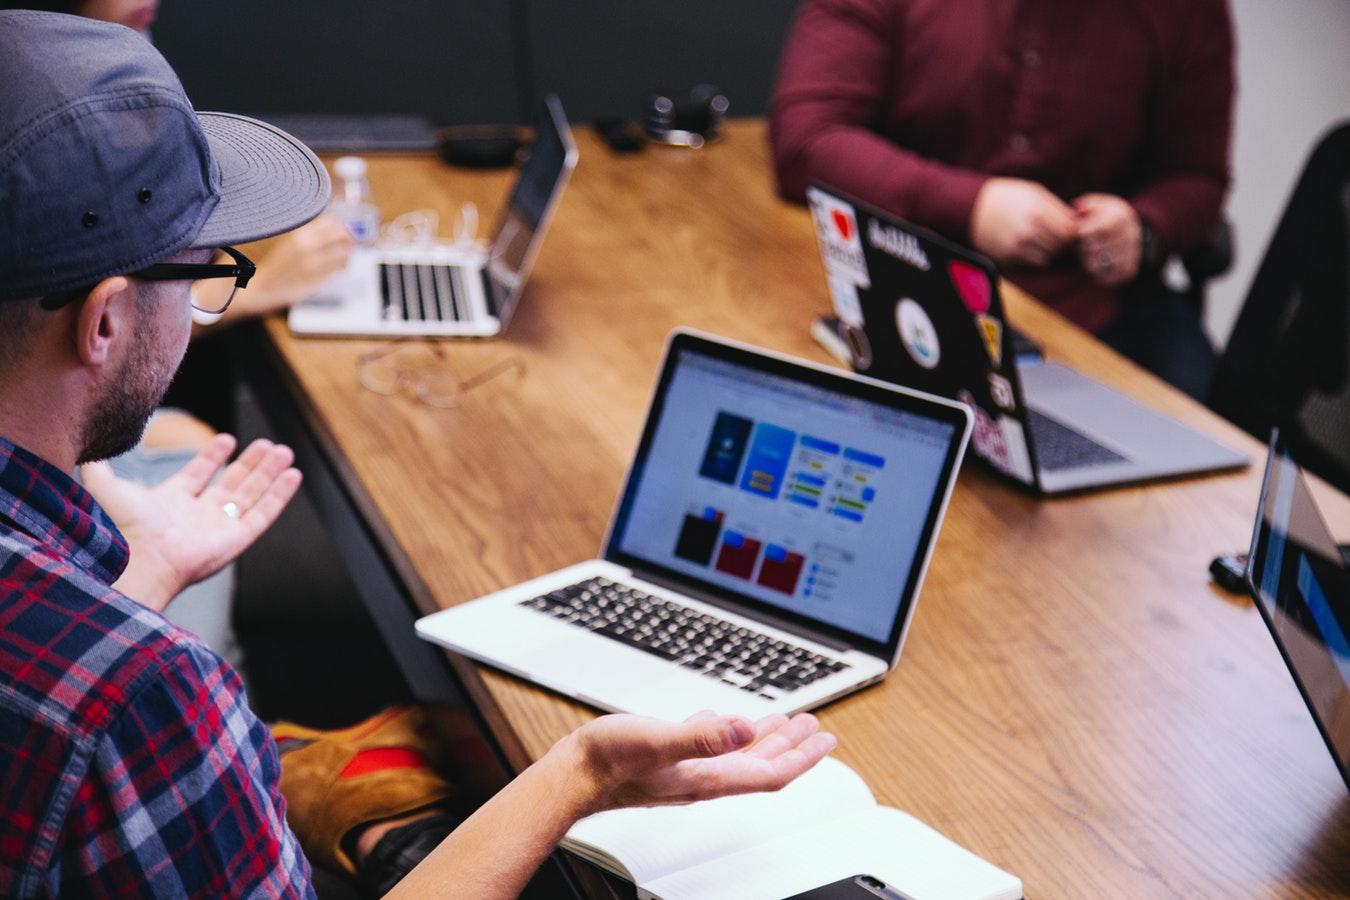 身為IT界達人的你,一定要知道達內教育評價最高的Java課程!